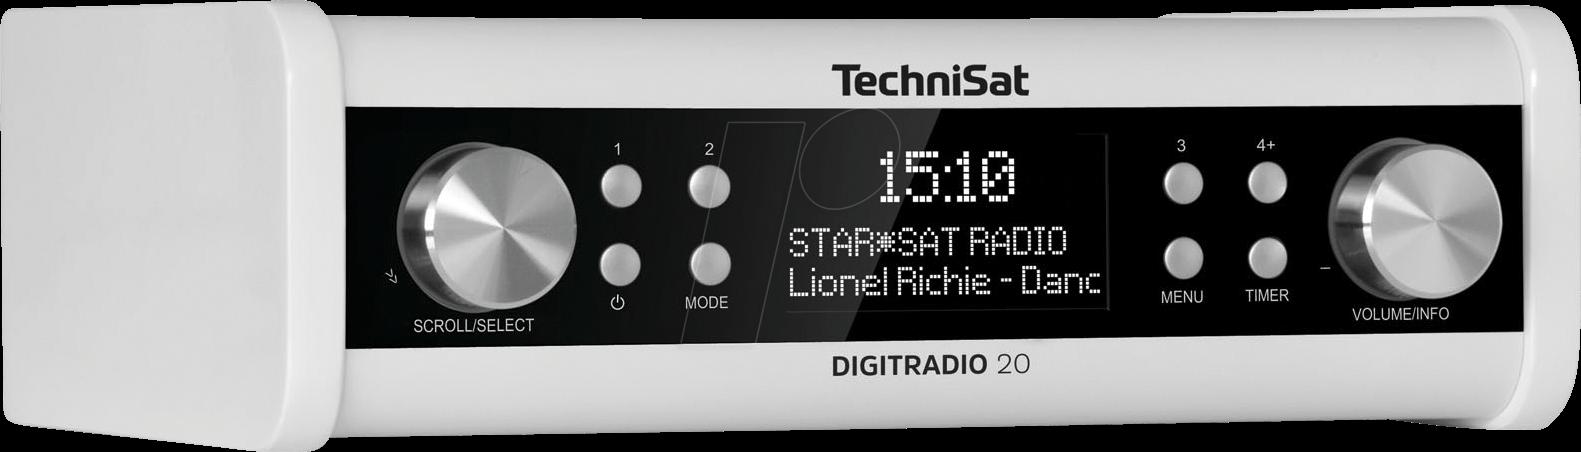 https://cdn-reichelt.de/bilder/web/xxl_ws/I600/TSAT_00014987_01.png